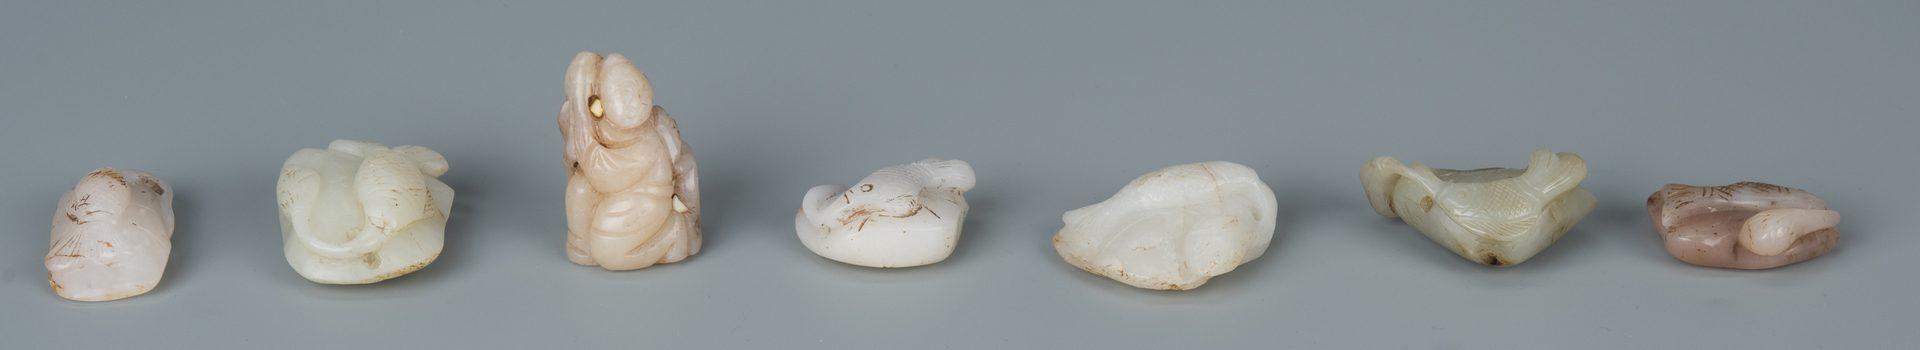 Lot 186: 7 Chinese Jade Toggles, inc. Fish